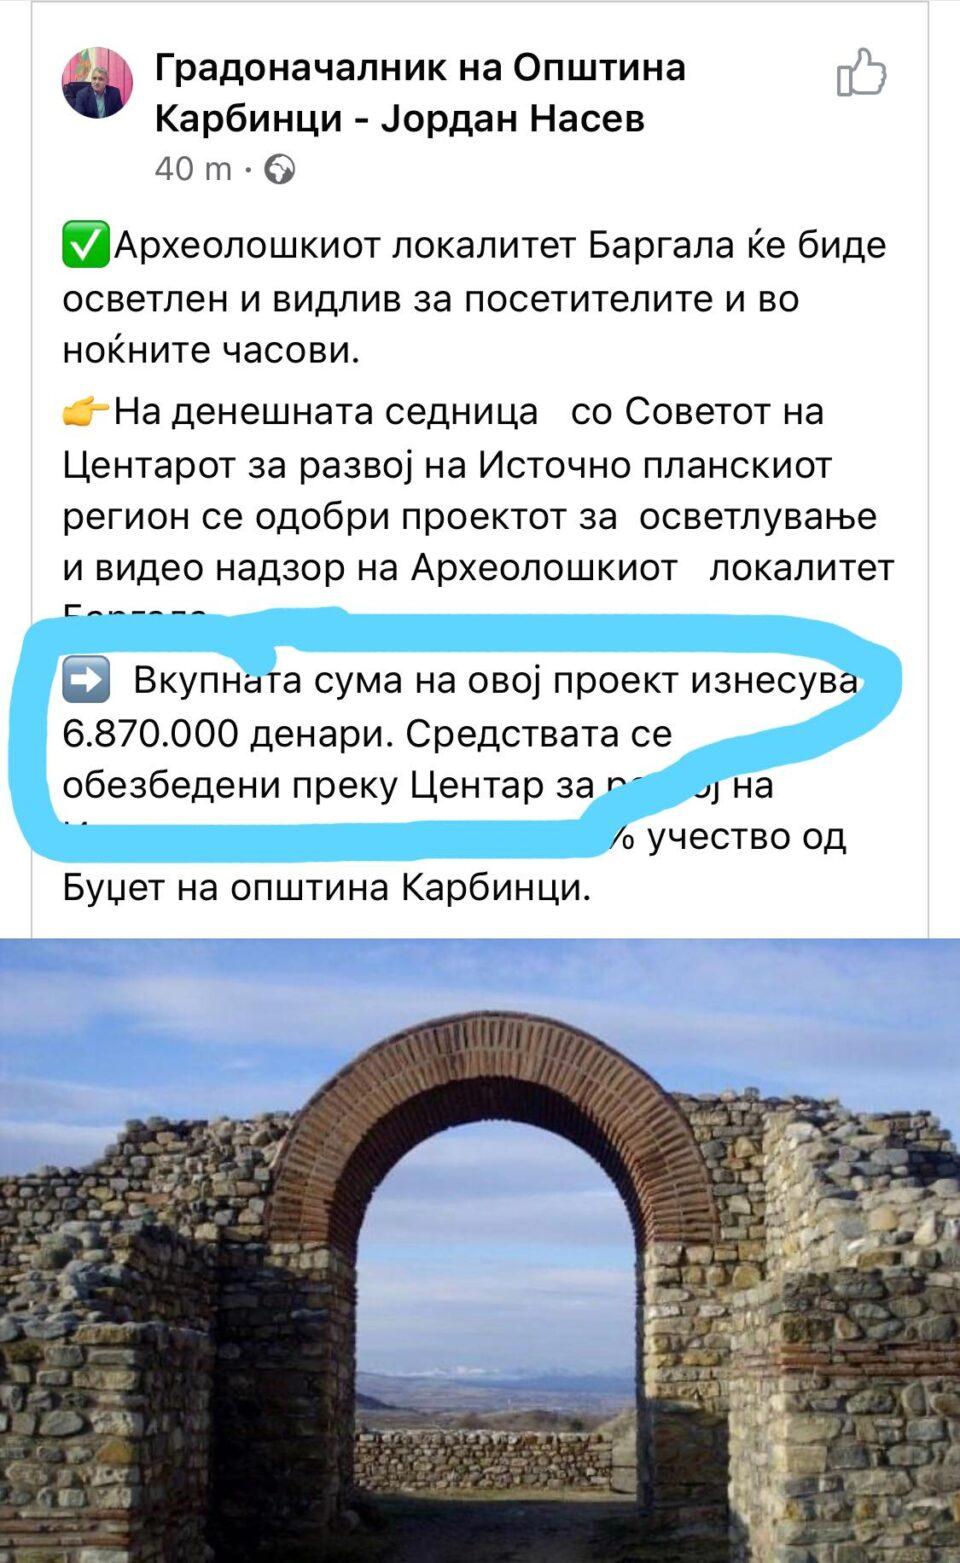 """Паунов: Локалната власт во Карбинци ќе потроши речиси 115.000 евра за сијалици на локалитетот """"Баргала"""""""